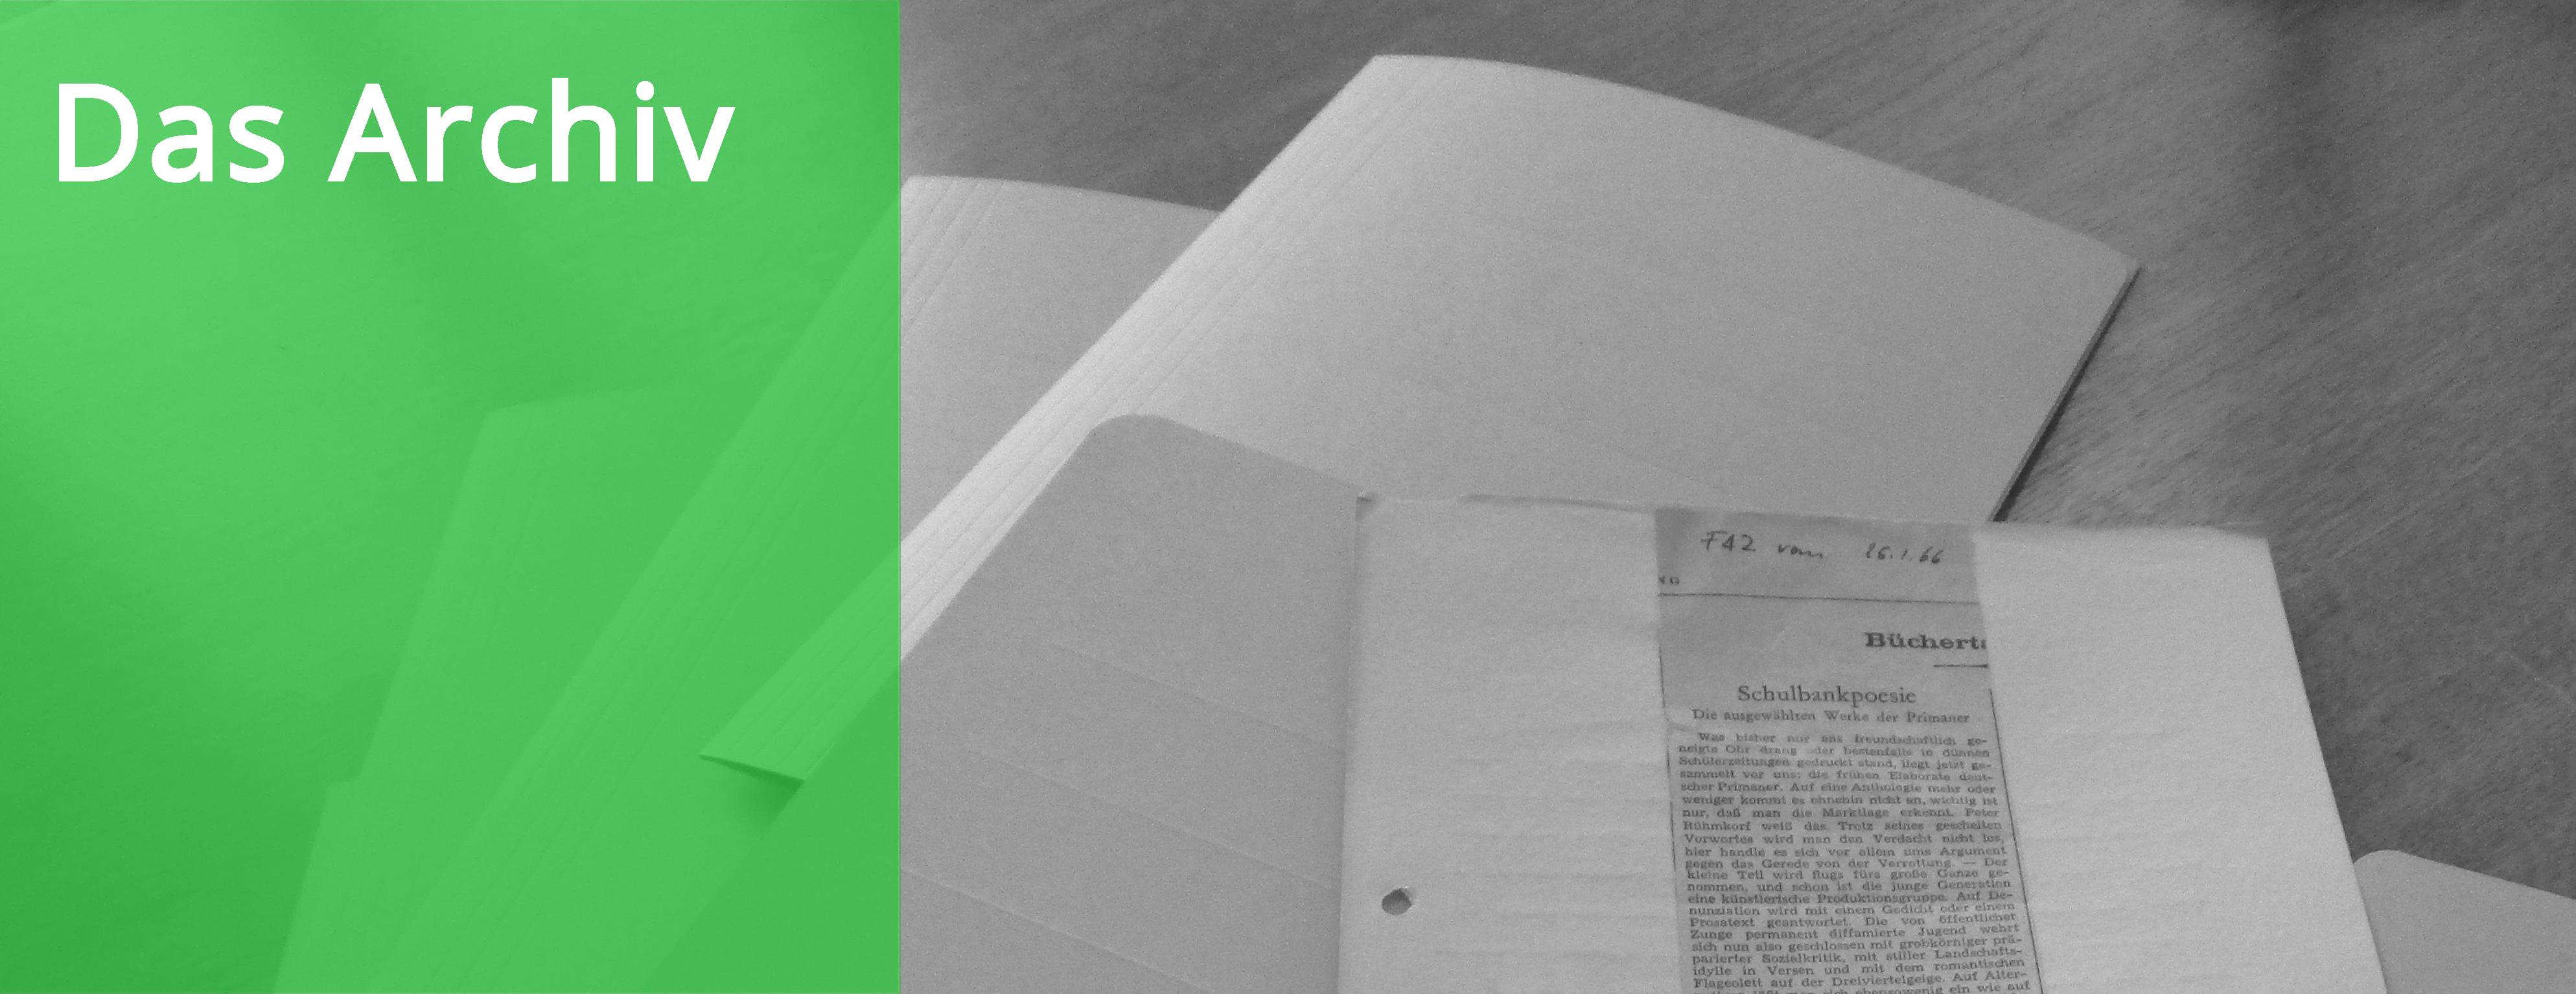 Zeitungsausschnitt mit Archivmappen im Meyerhuber-Wondratschek-Archiv